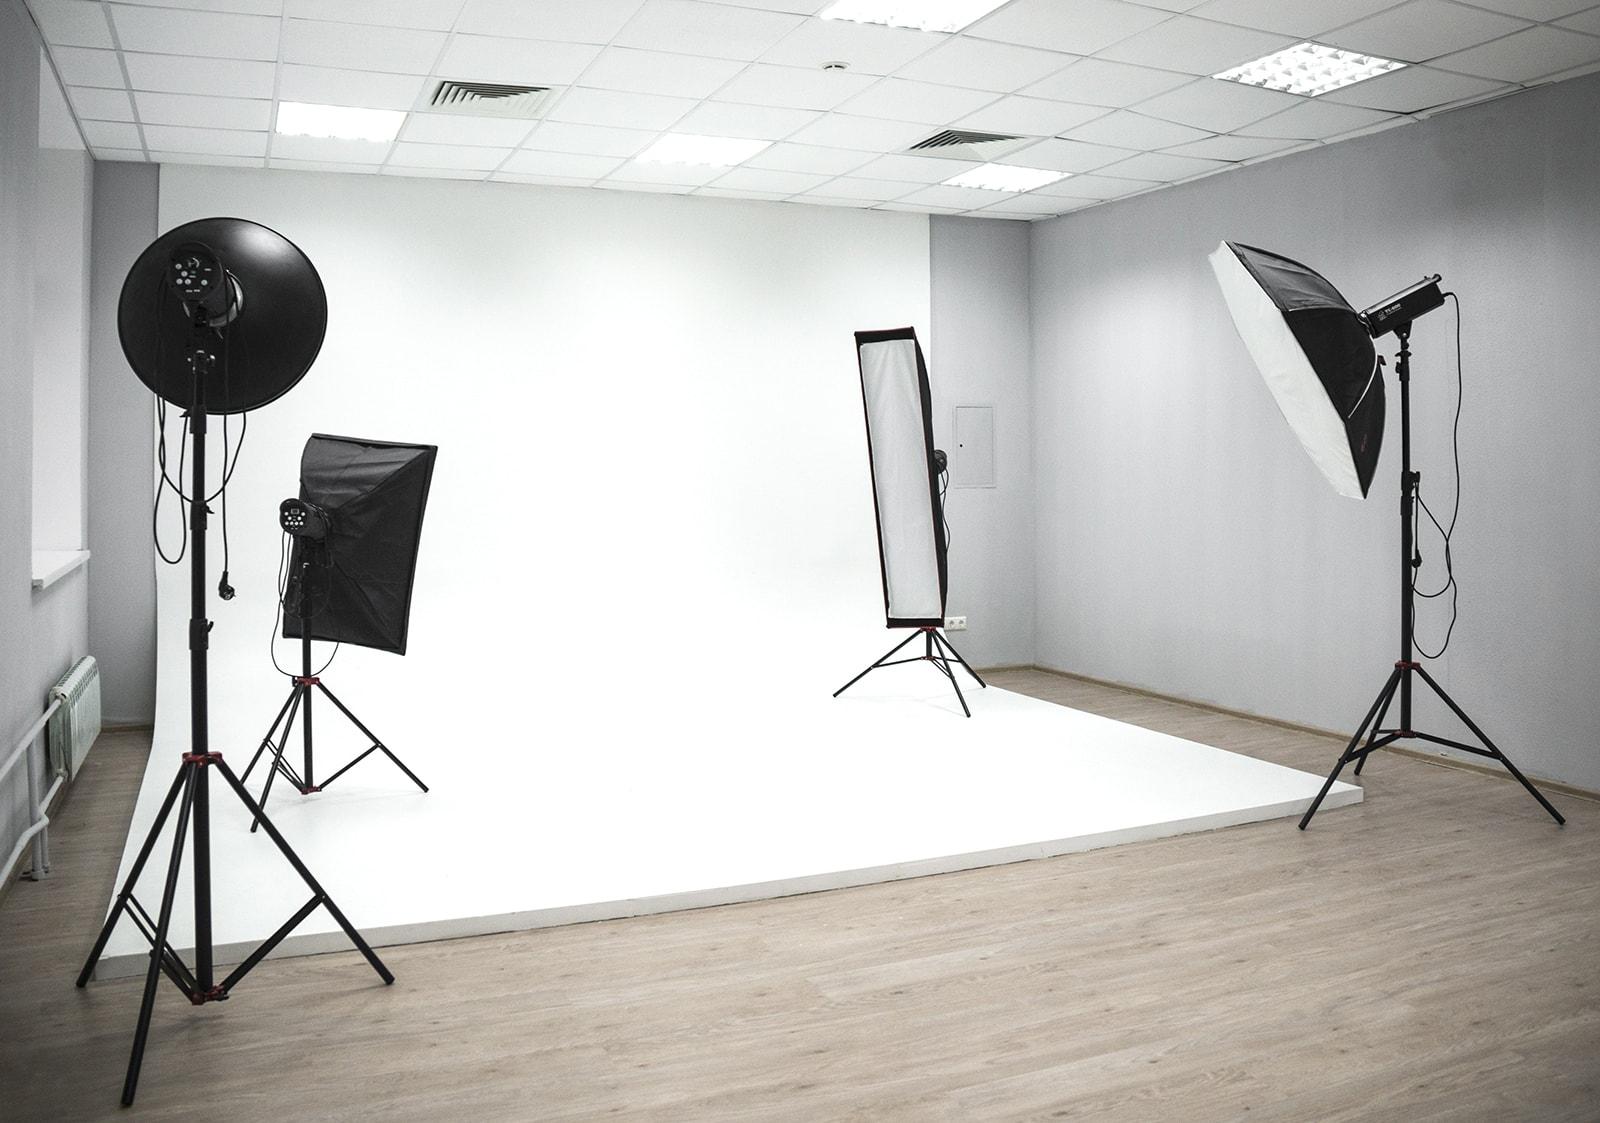 том, что снять студию для фотосессии в юзао кибершлюха